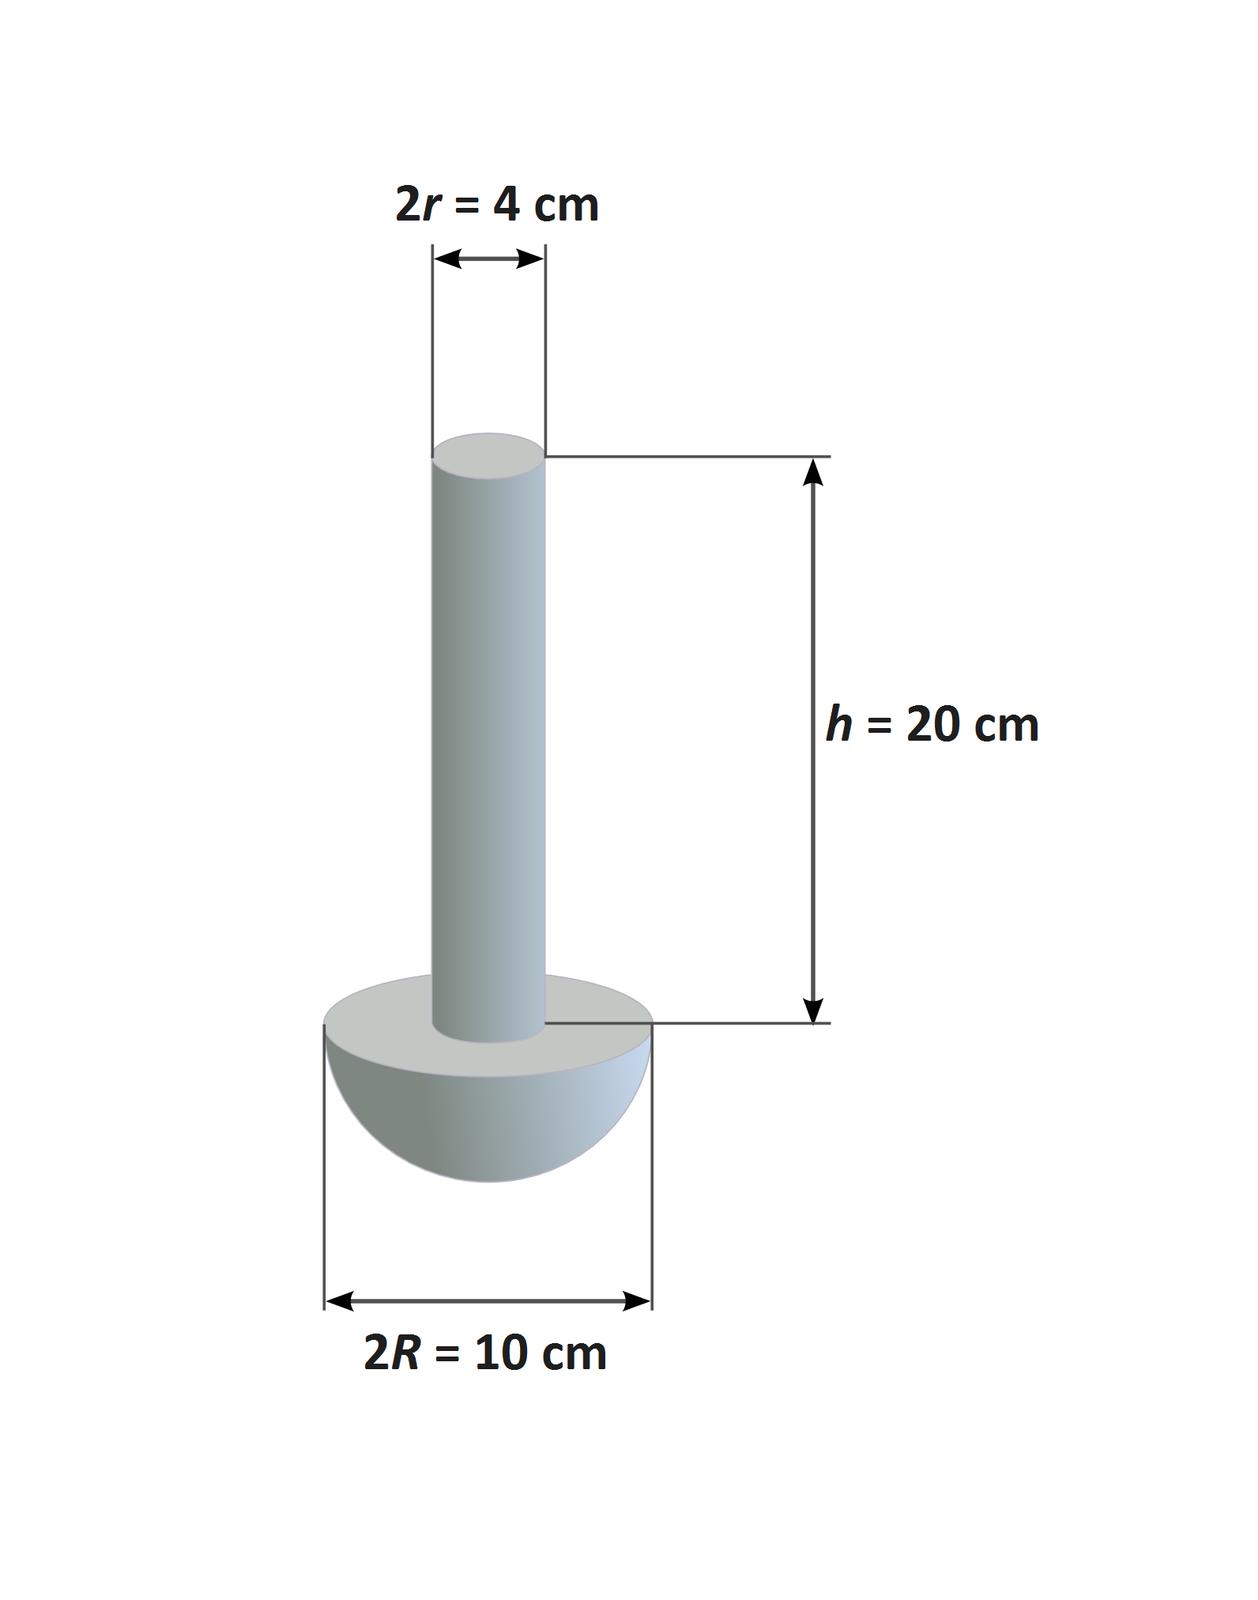 Ilustracja przedstawia bryłę. Tło białe. Bryła szara, wyglądem przypominająca śrubę. Bryła składa się zwalca ipółkuli. Walec stoi pośrodku płaskiej części półkuli. Na ilustracji zaznaczono wymiary tak powstałej bryły. Średnica podstawy walca: 2r = 4 cm. Wysokość walca: h= 20 cm. Średnica półkuli: 2R = 10 cm.